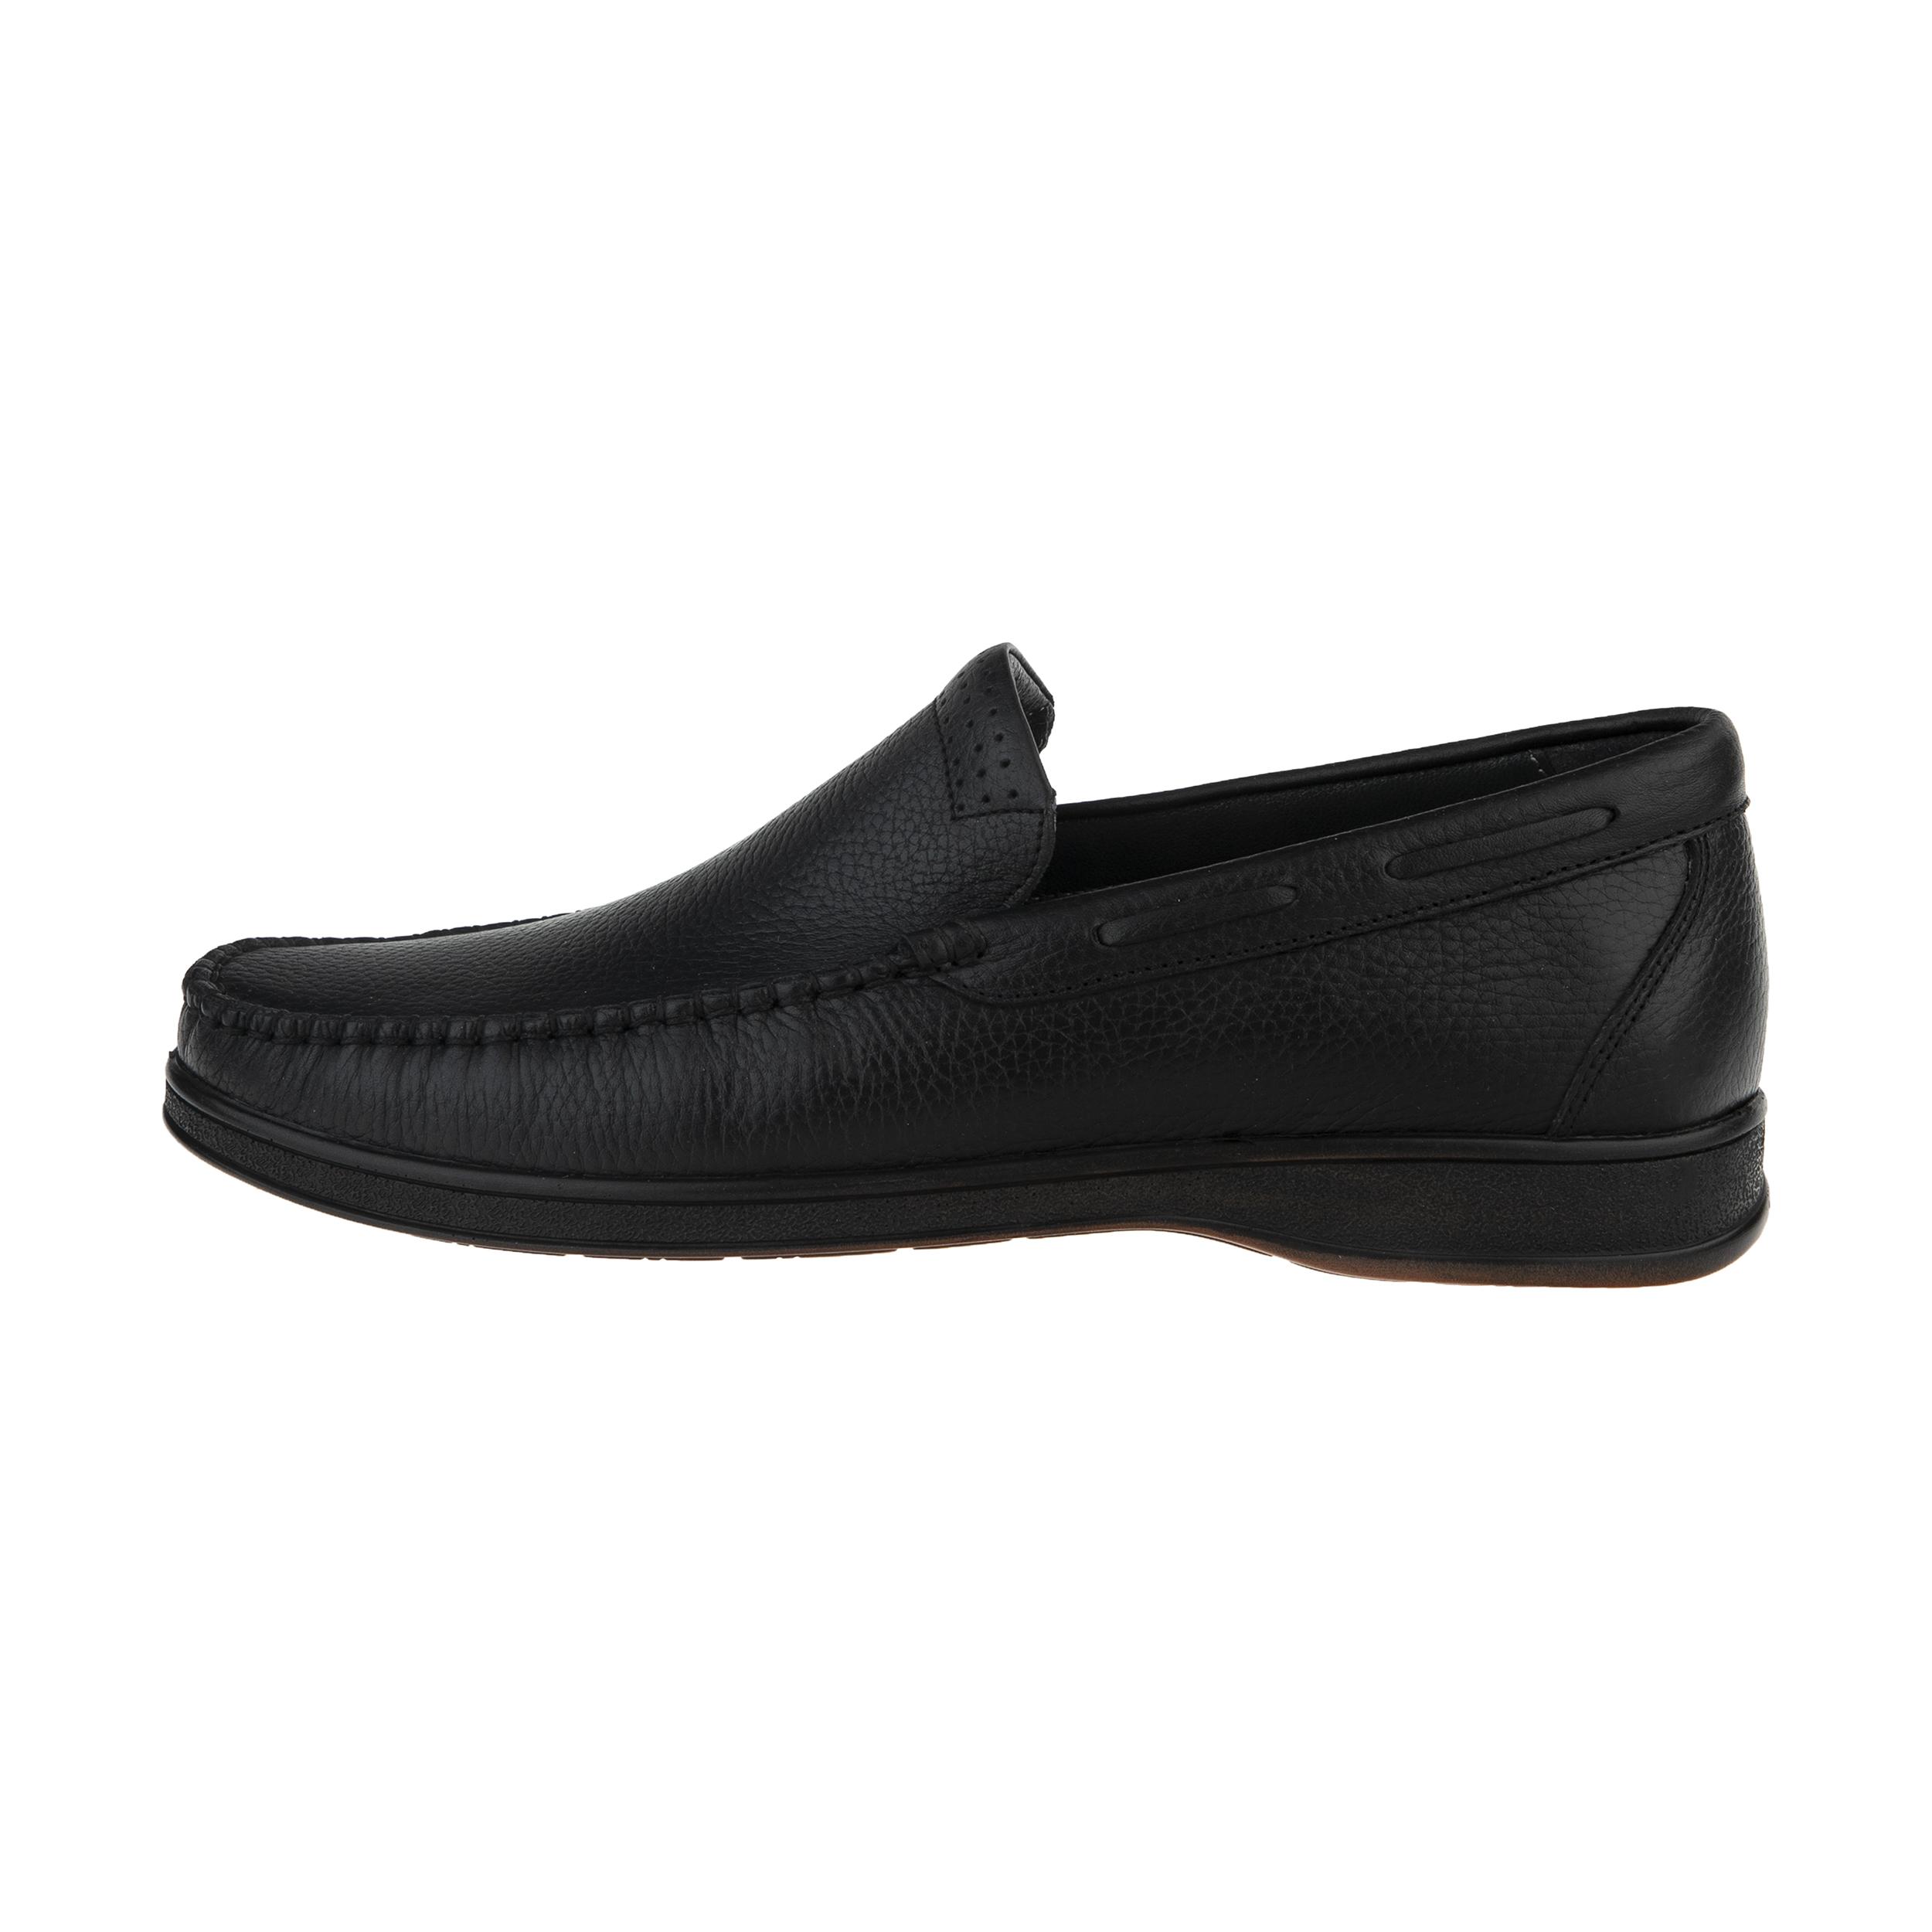 کفش روزمره مردانه شیفر مدل 7136c503101